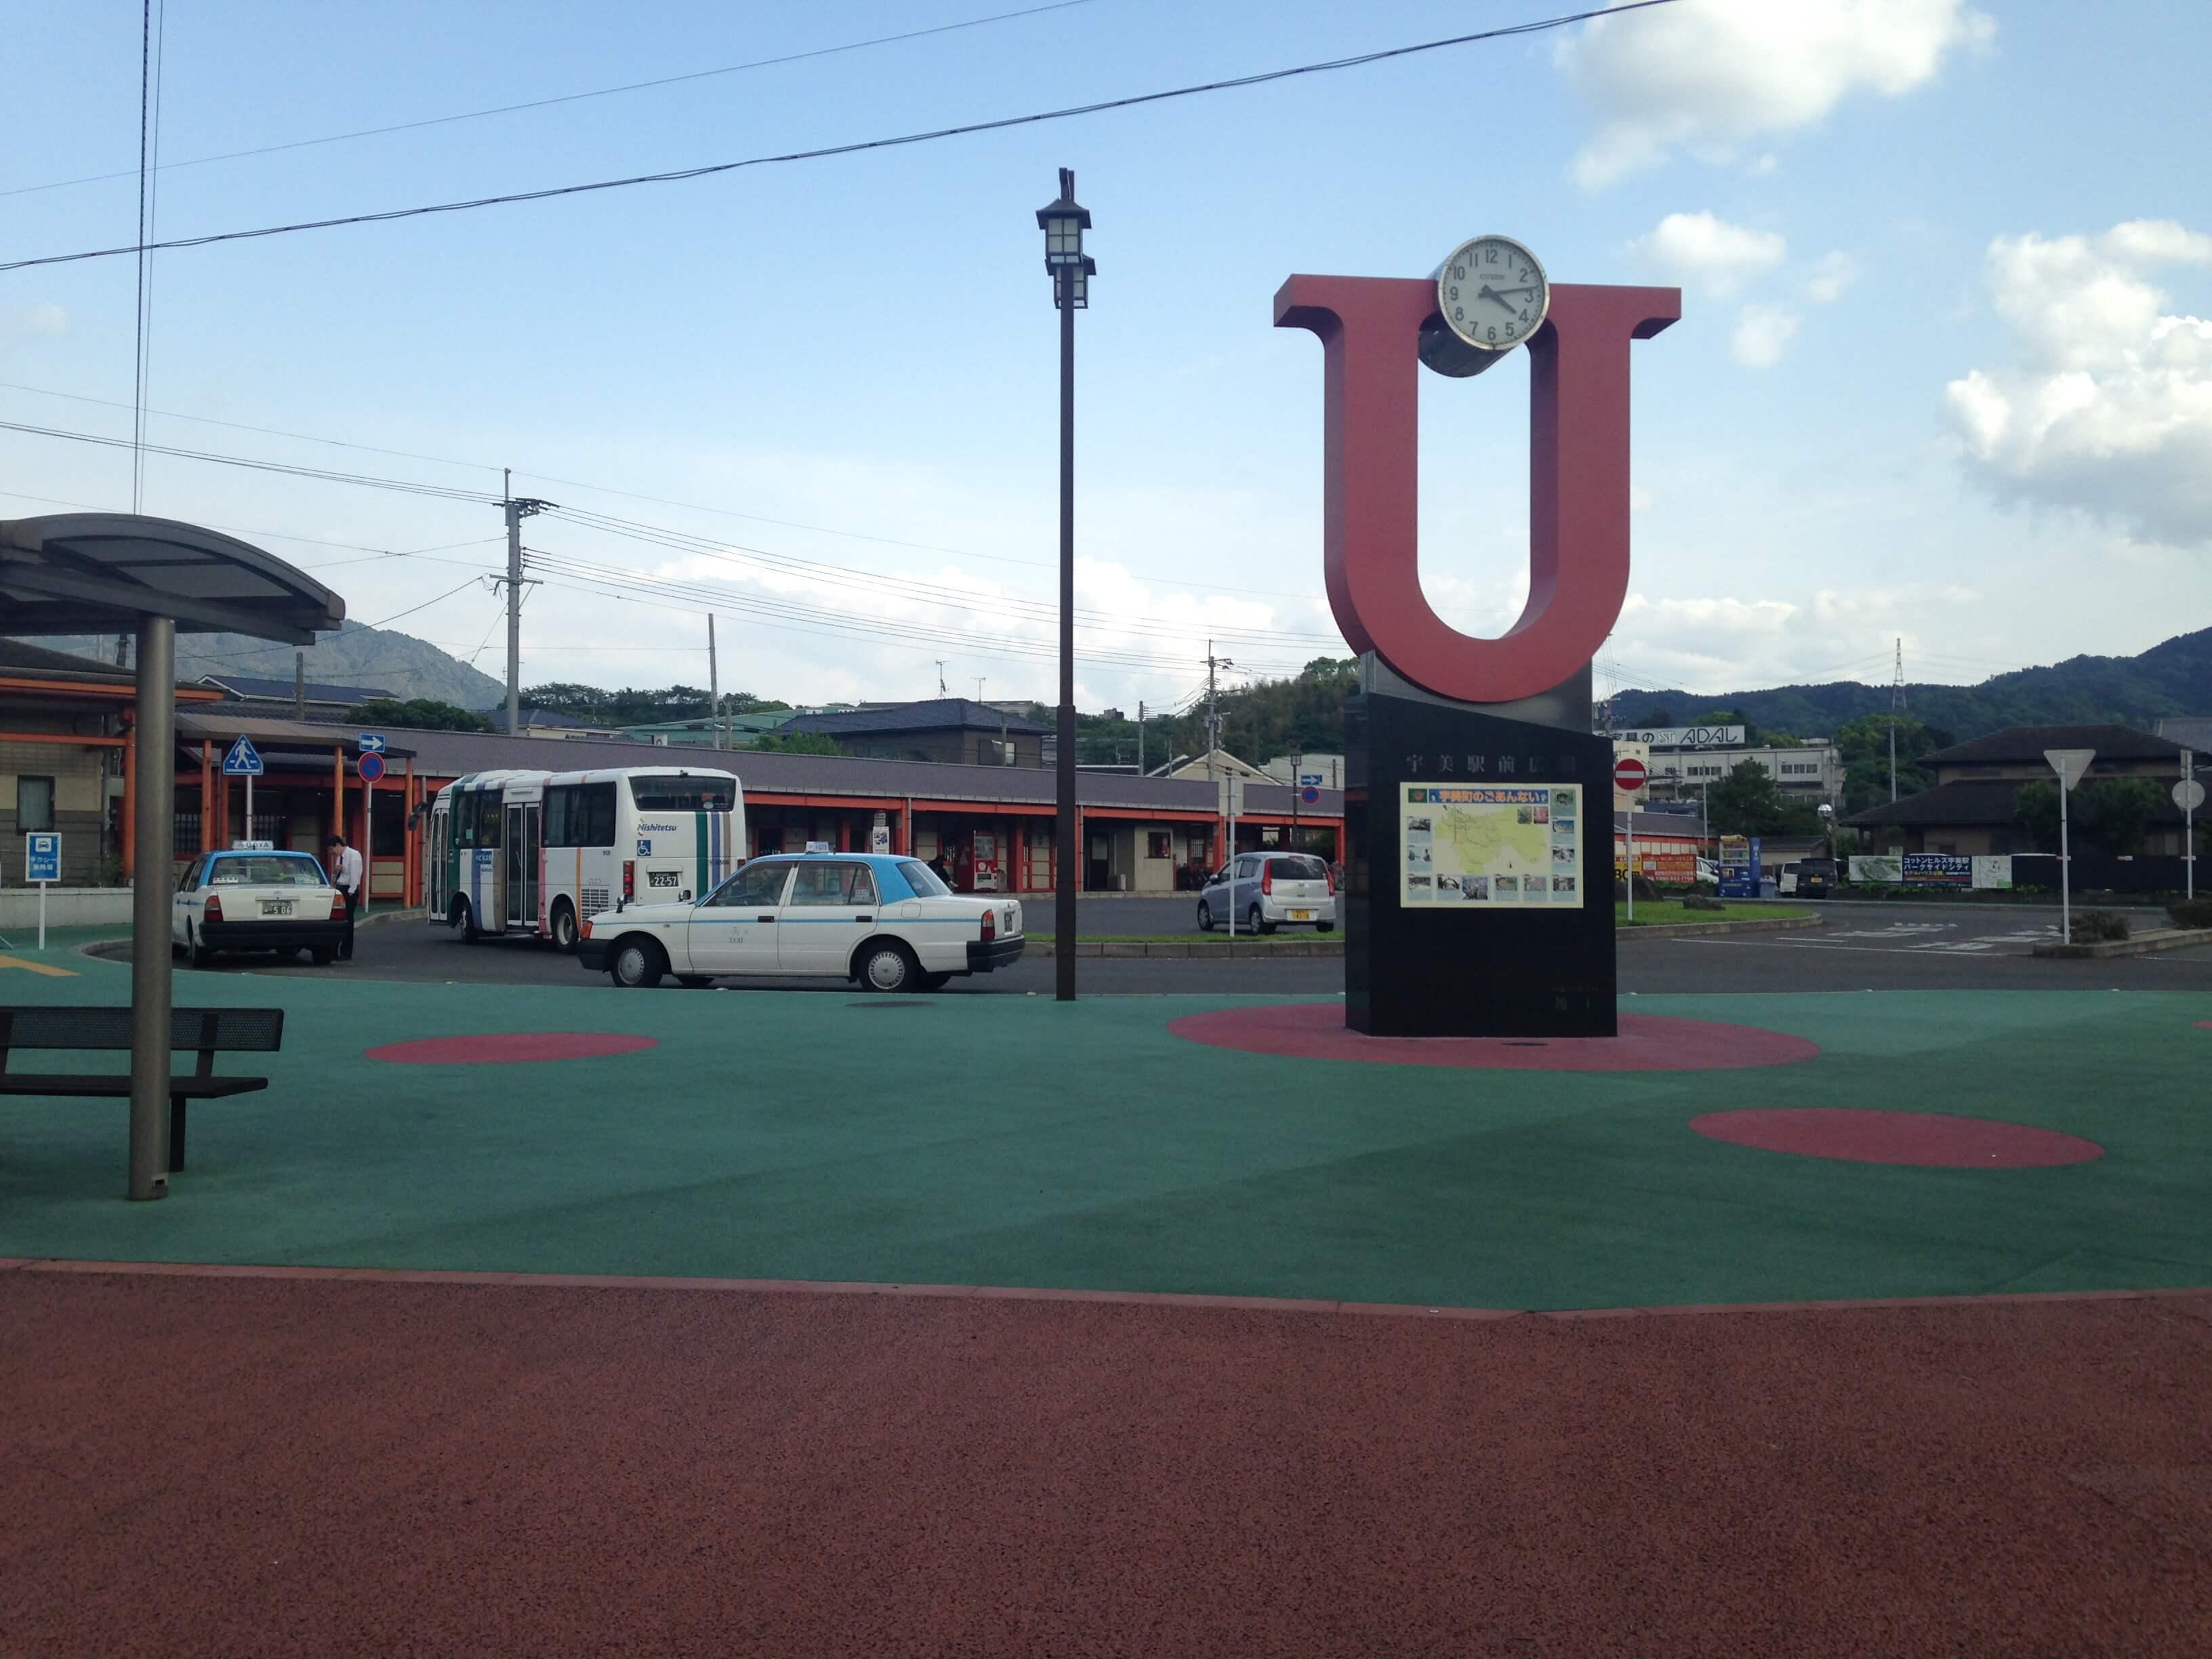 Umi Station Square 20150429 - 秋の乗り放題パスや青春18きっぷの旅行で役立つバス路線:九州編